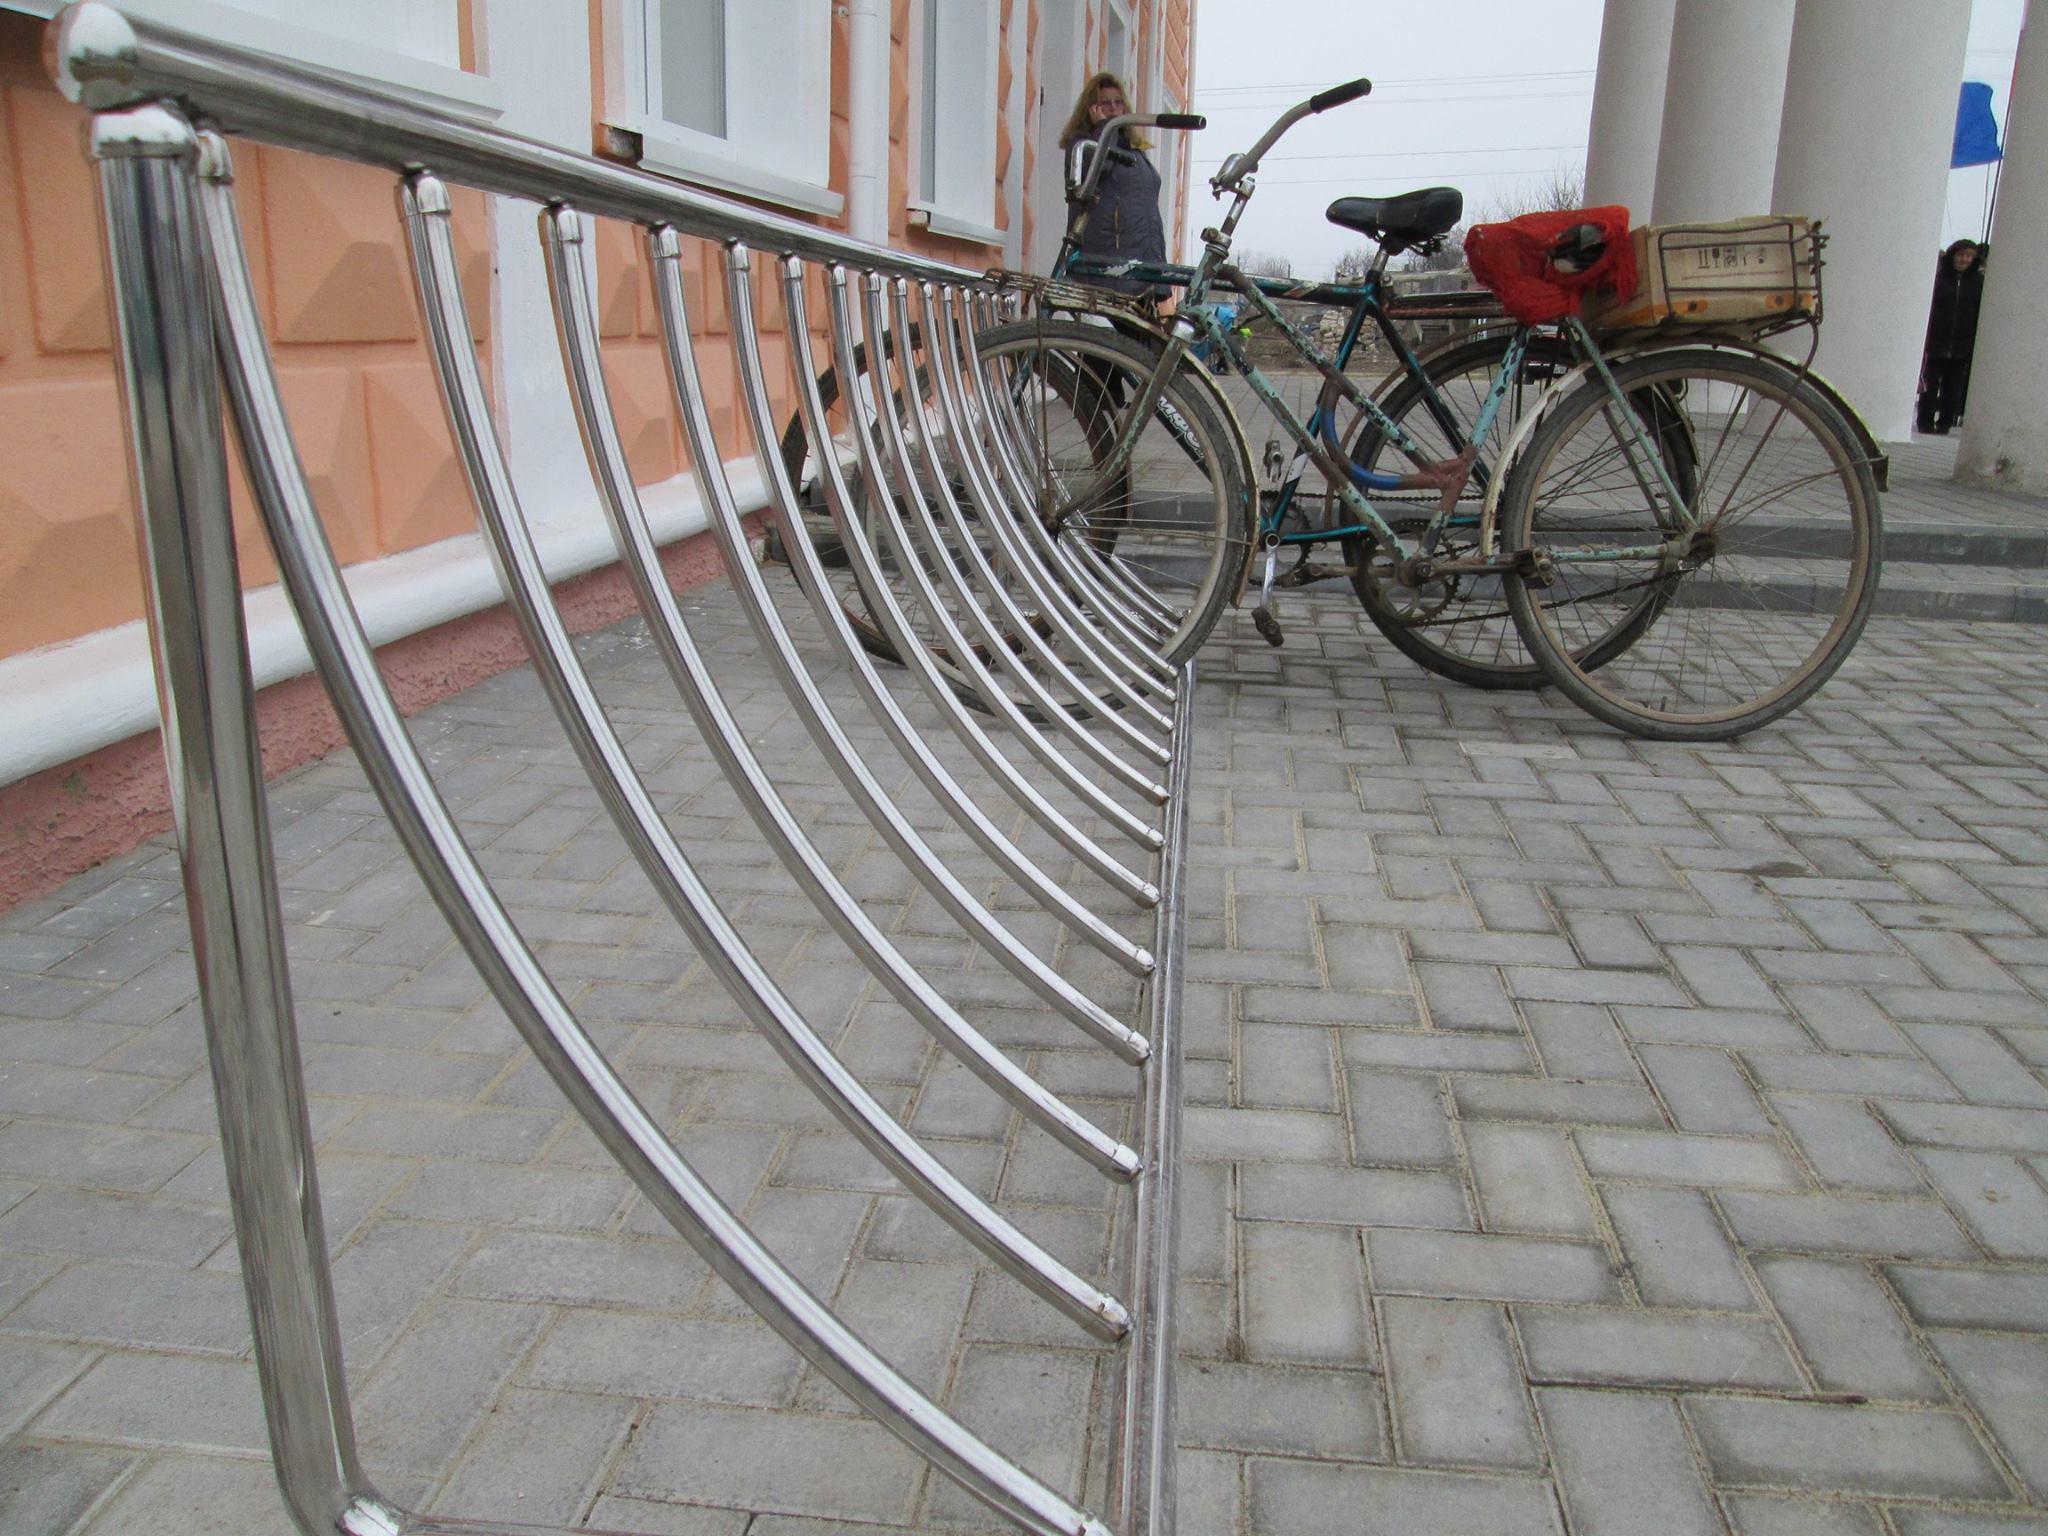 Экопарковка своими руками на даче: как самостоятельно сделать укладку газонной решетки для парковки, фото, видео